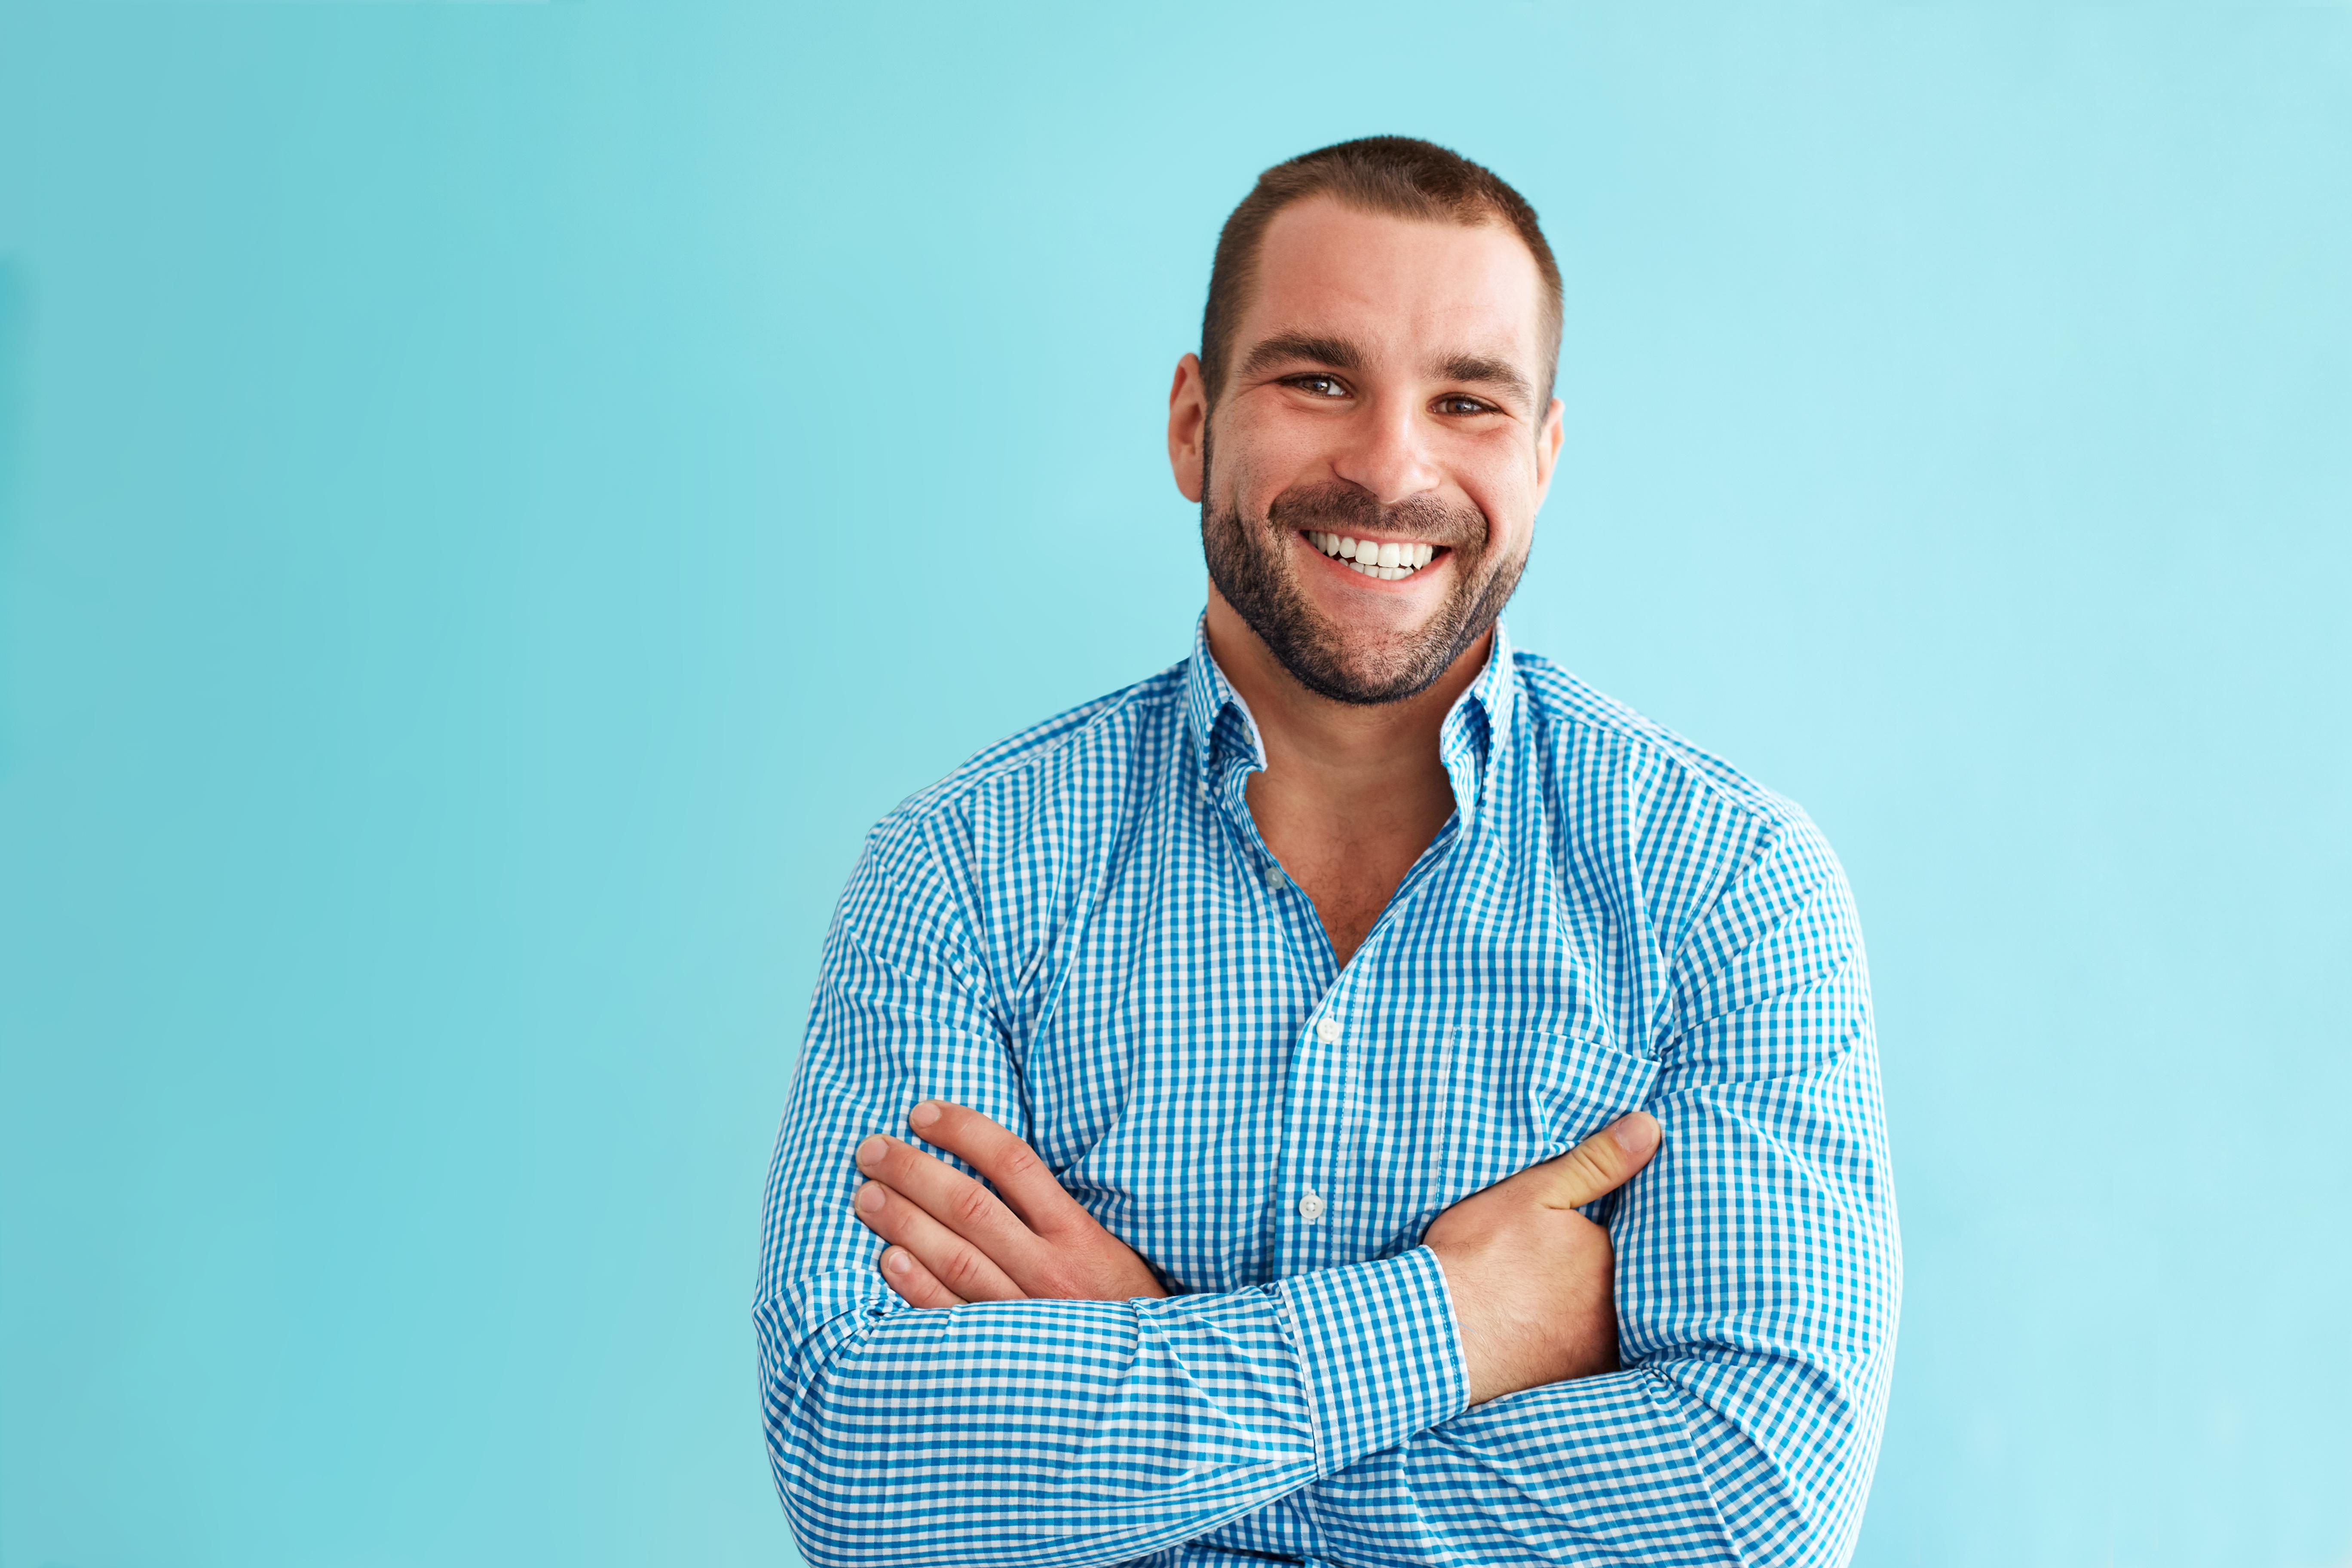 imagem de homem branco sorrindo com fundo azul claro